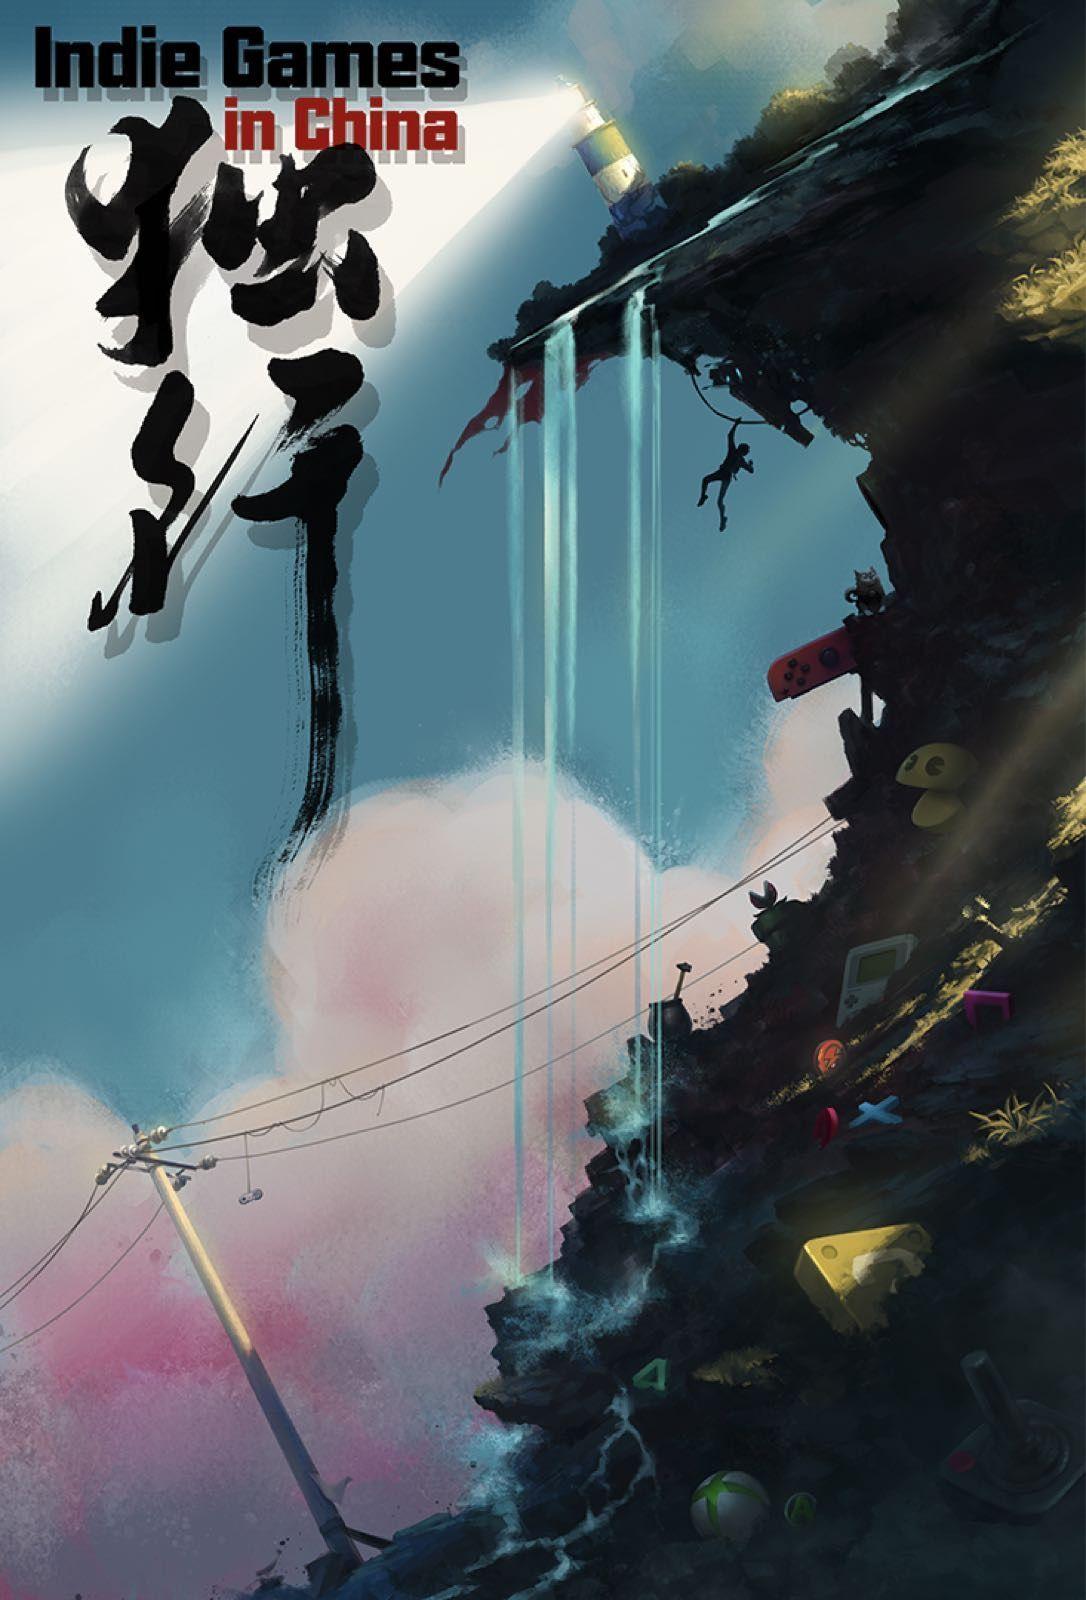 中国独立游戏大电影《独行》:镜头下独立游戏人的真实状态